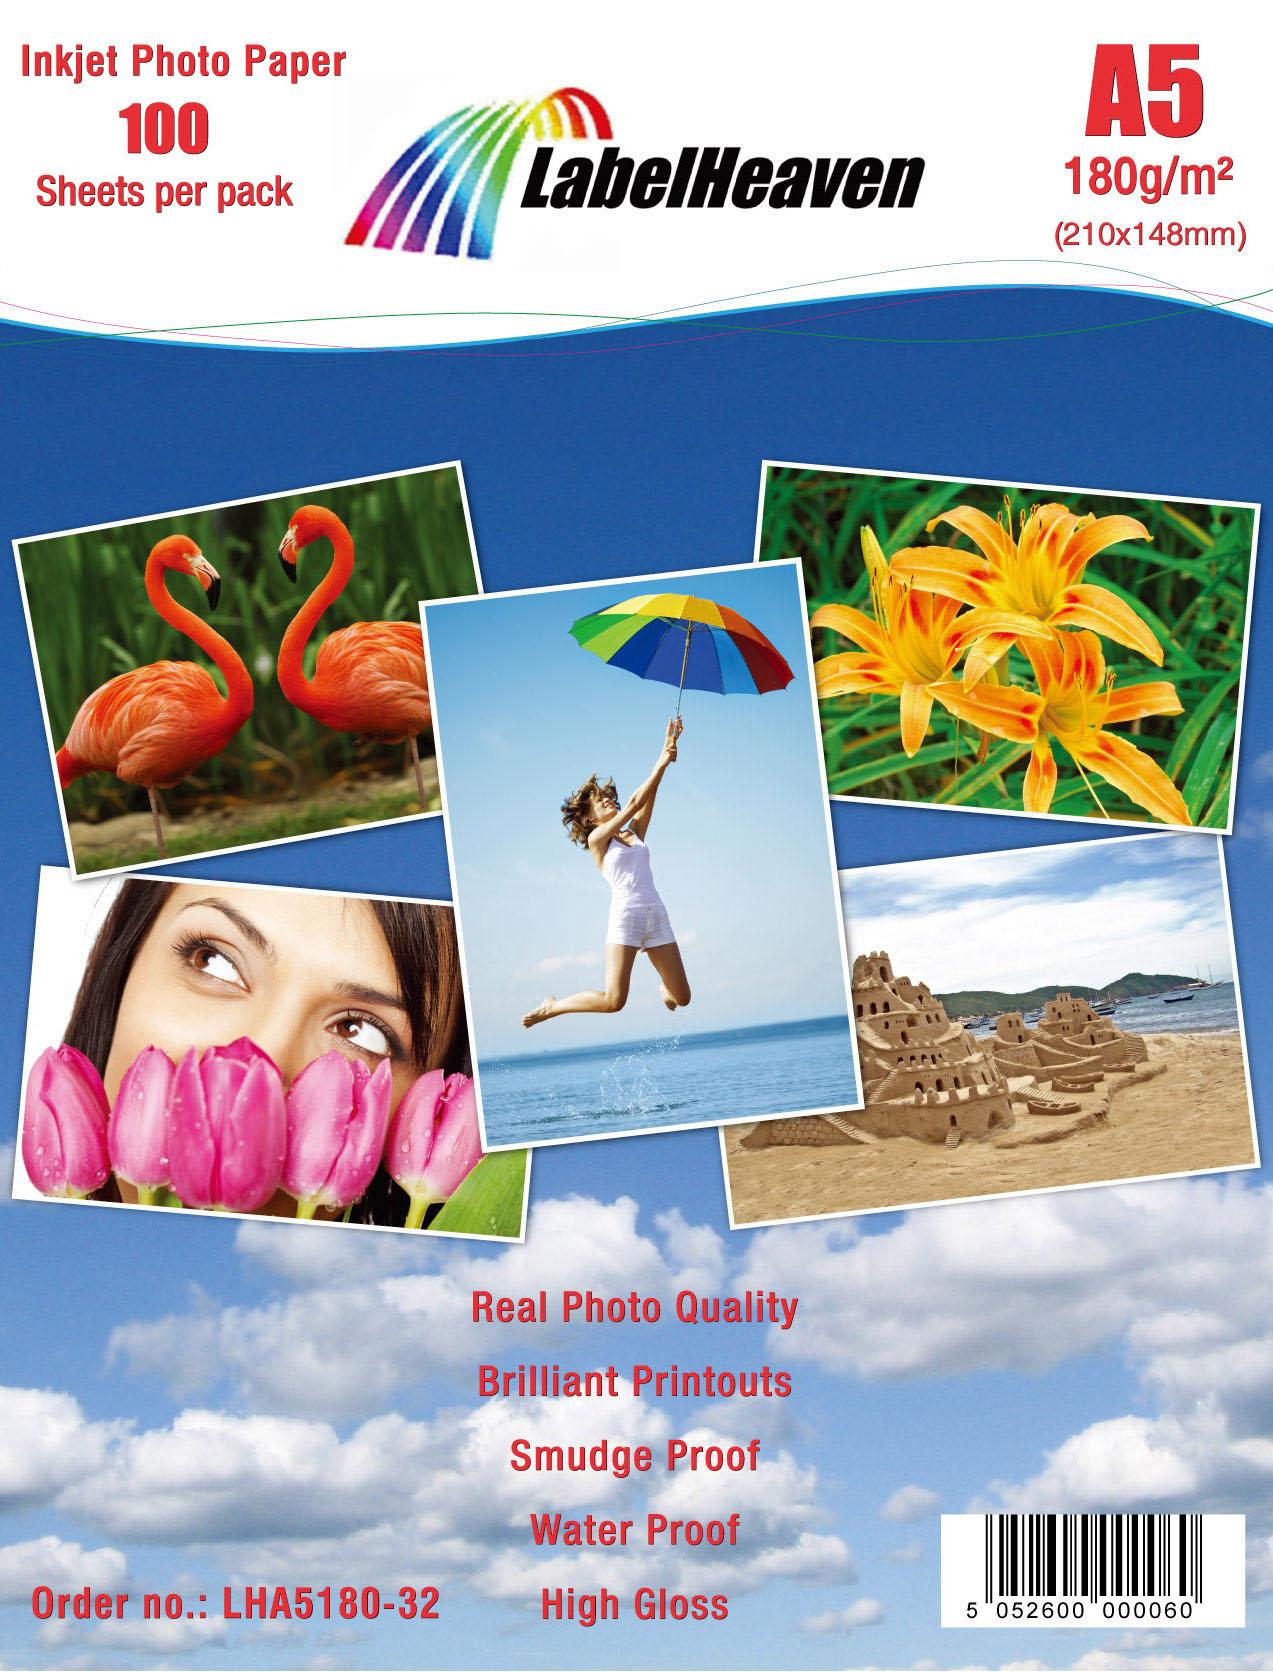 100 Blatt DIN A5 180g/m² Fotopapier HGlossy+wasserfest von LabelHeaven